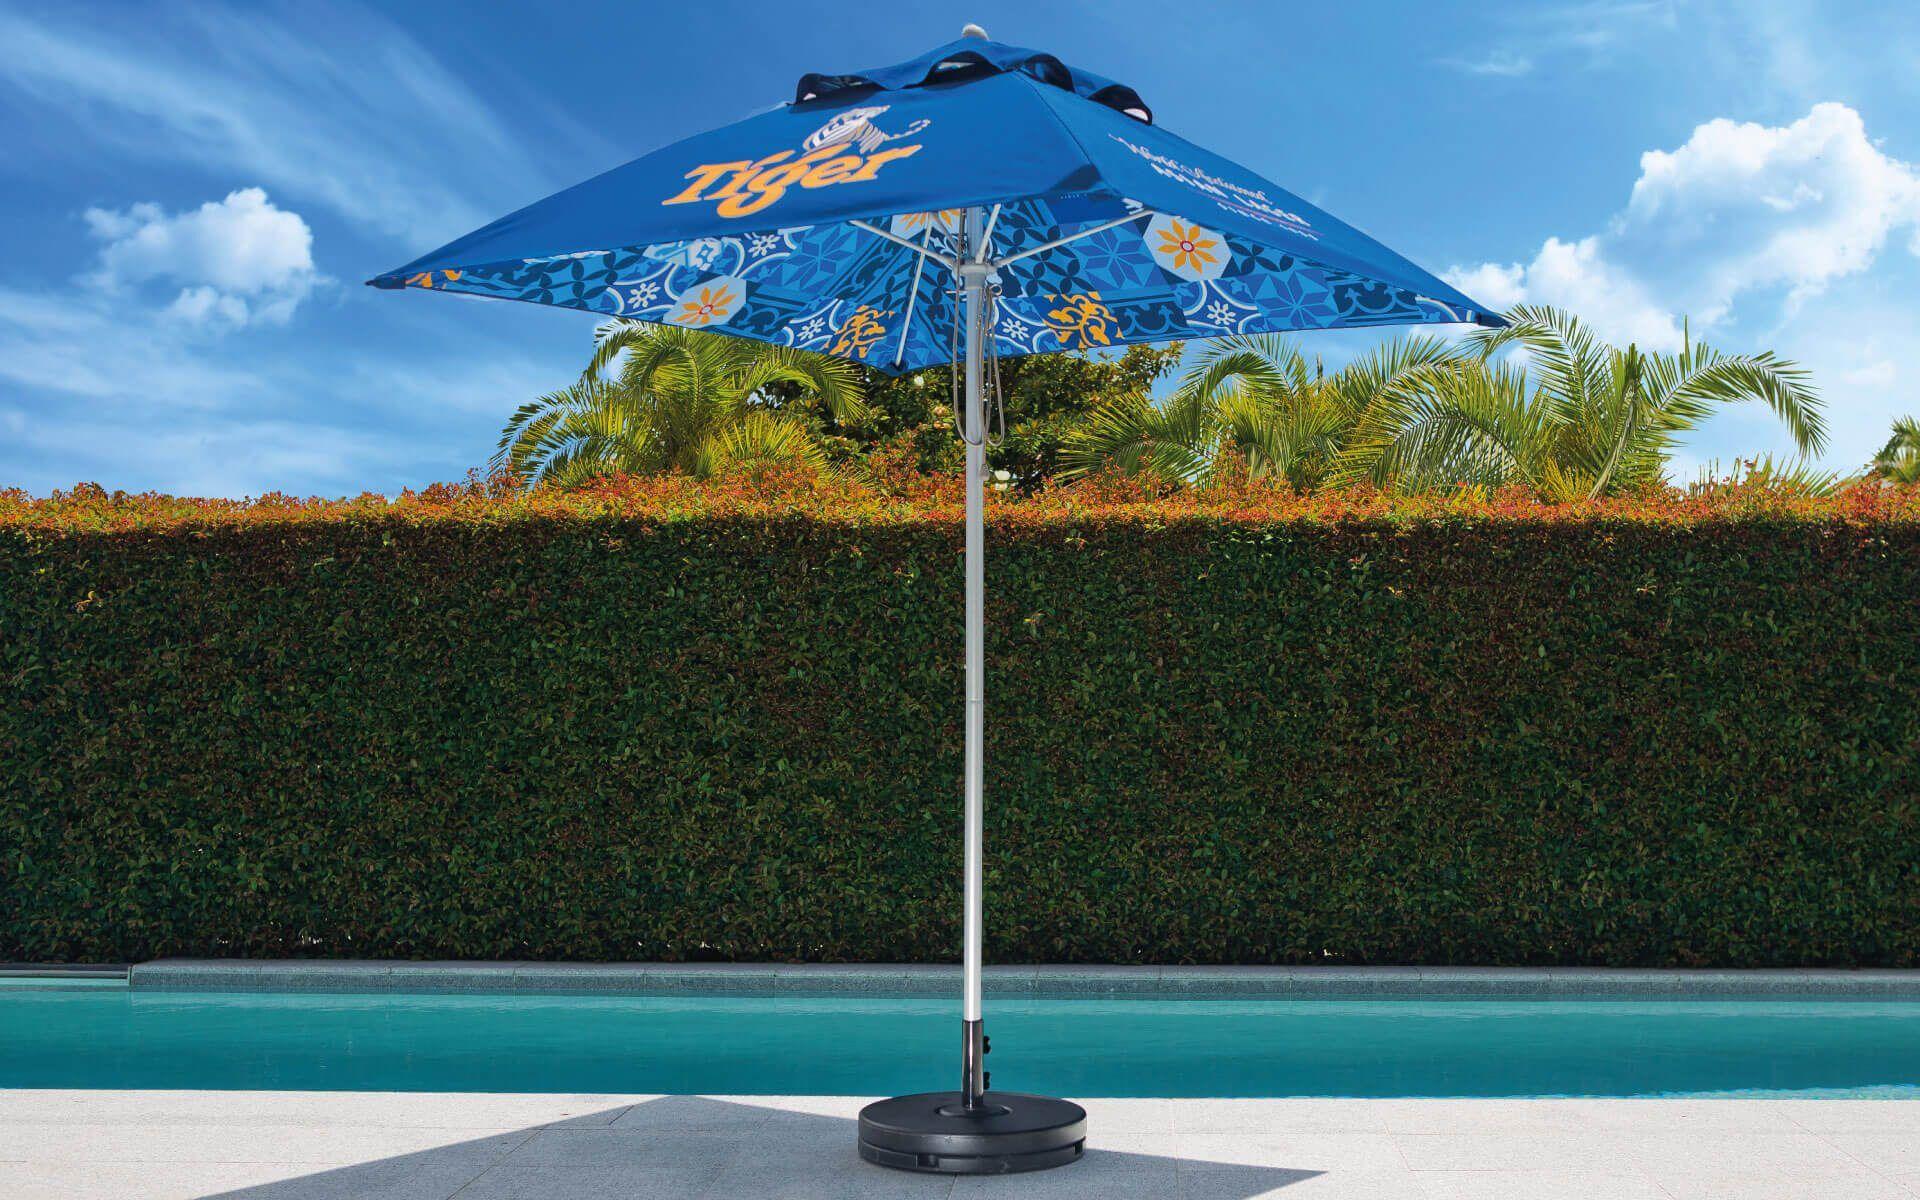 Tiger Branded Outdoor Printed Sun Umbrellas